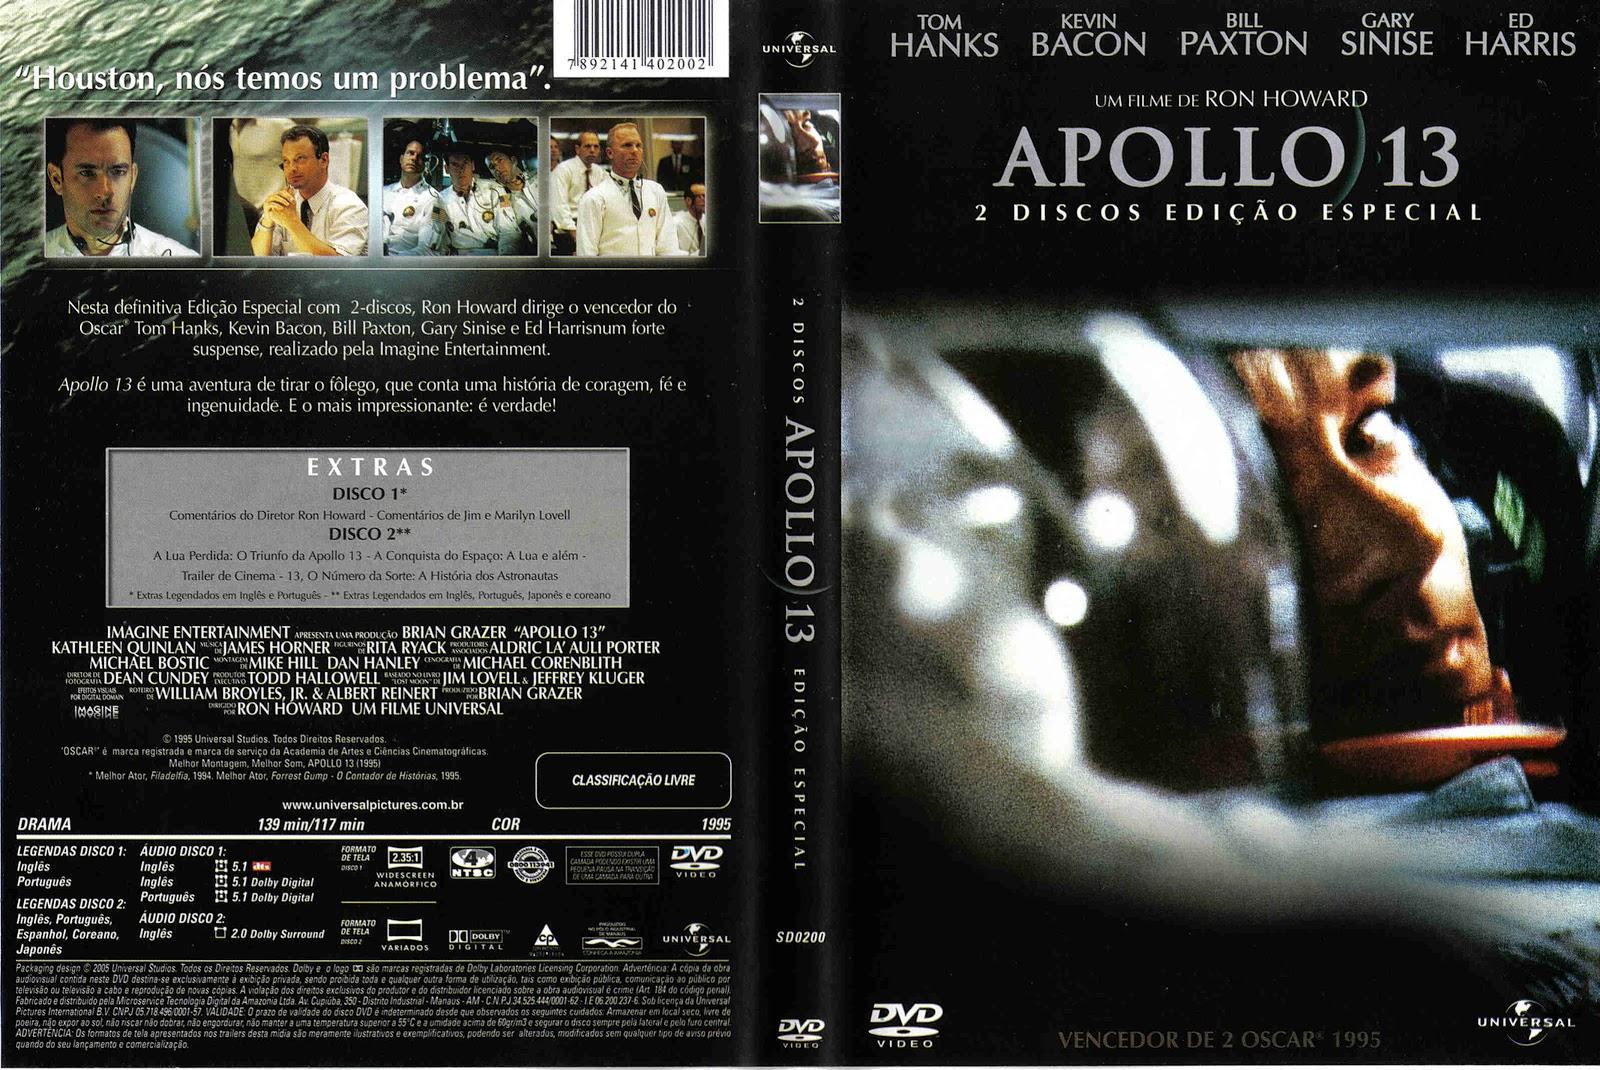 Capa DVD Apollo 13 2 Disco Edição Especial